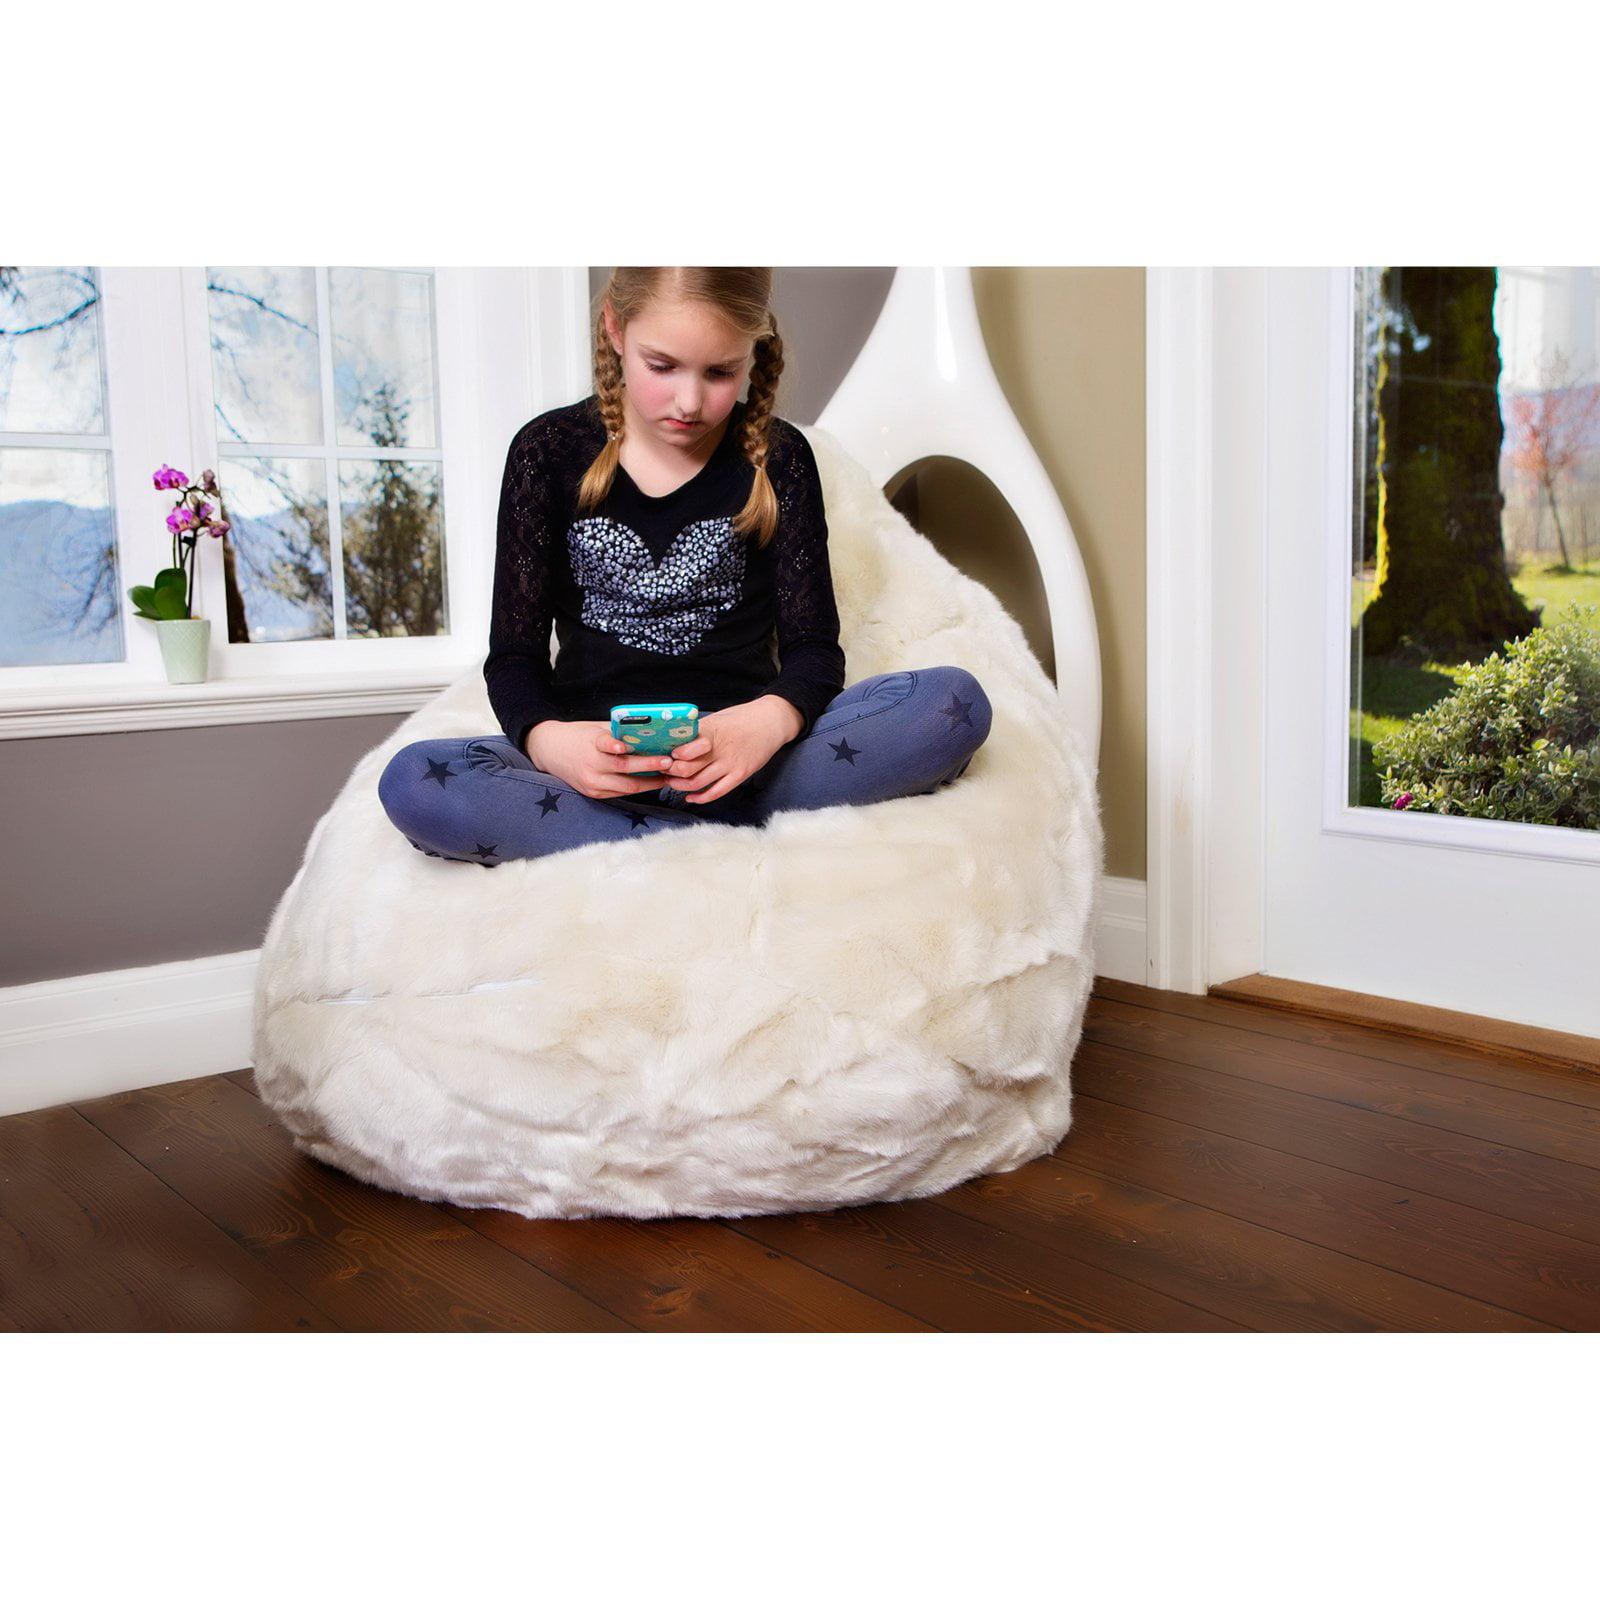 Modern Bean Bag Posh Medium Bean Bag Chair - Walmart.com c2c36969a6ff9